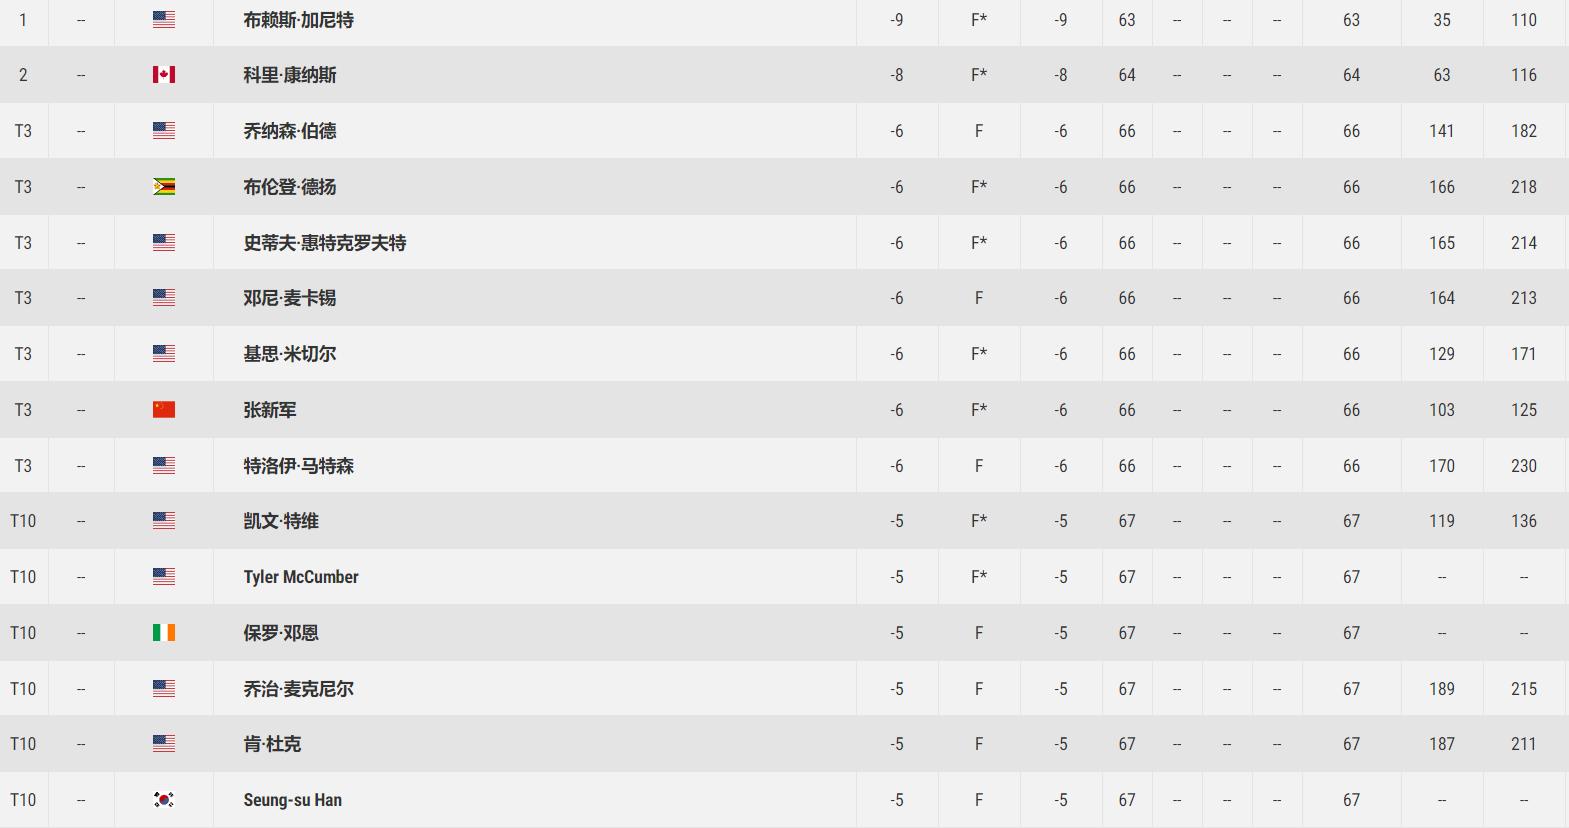 多米尼加赛美国球员领跑 张新军66杆T3强势开局